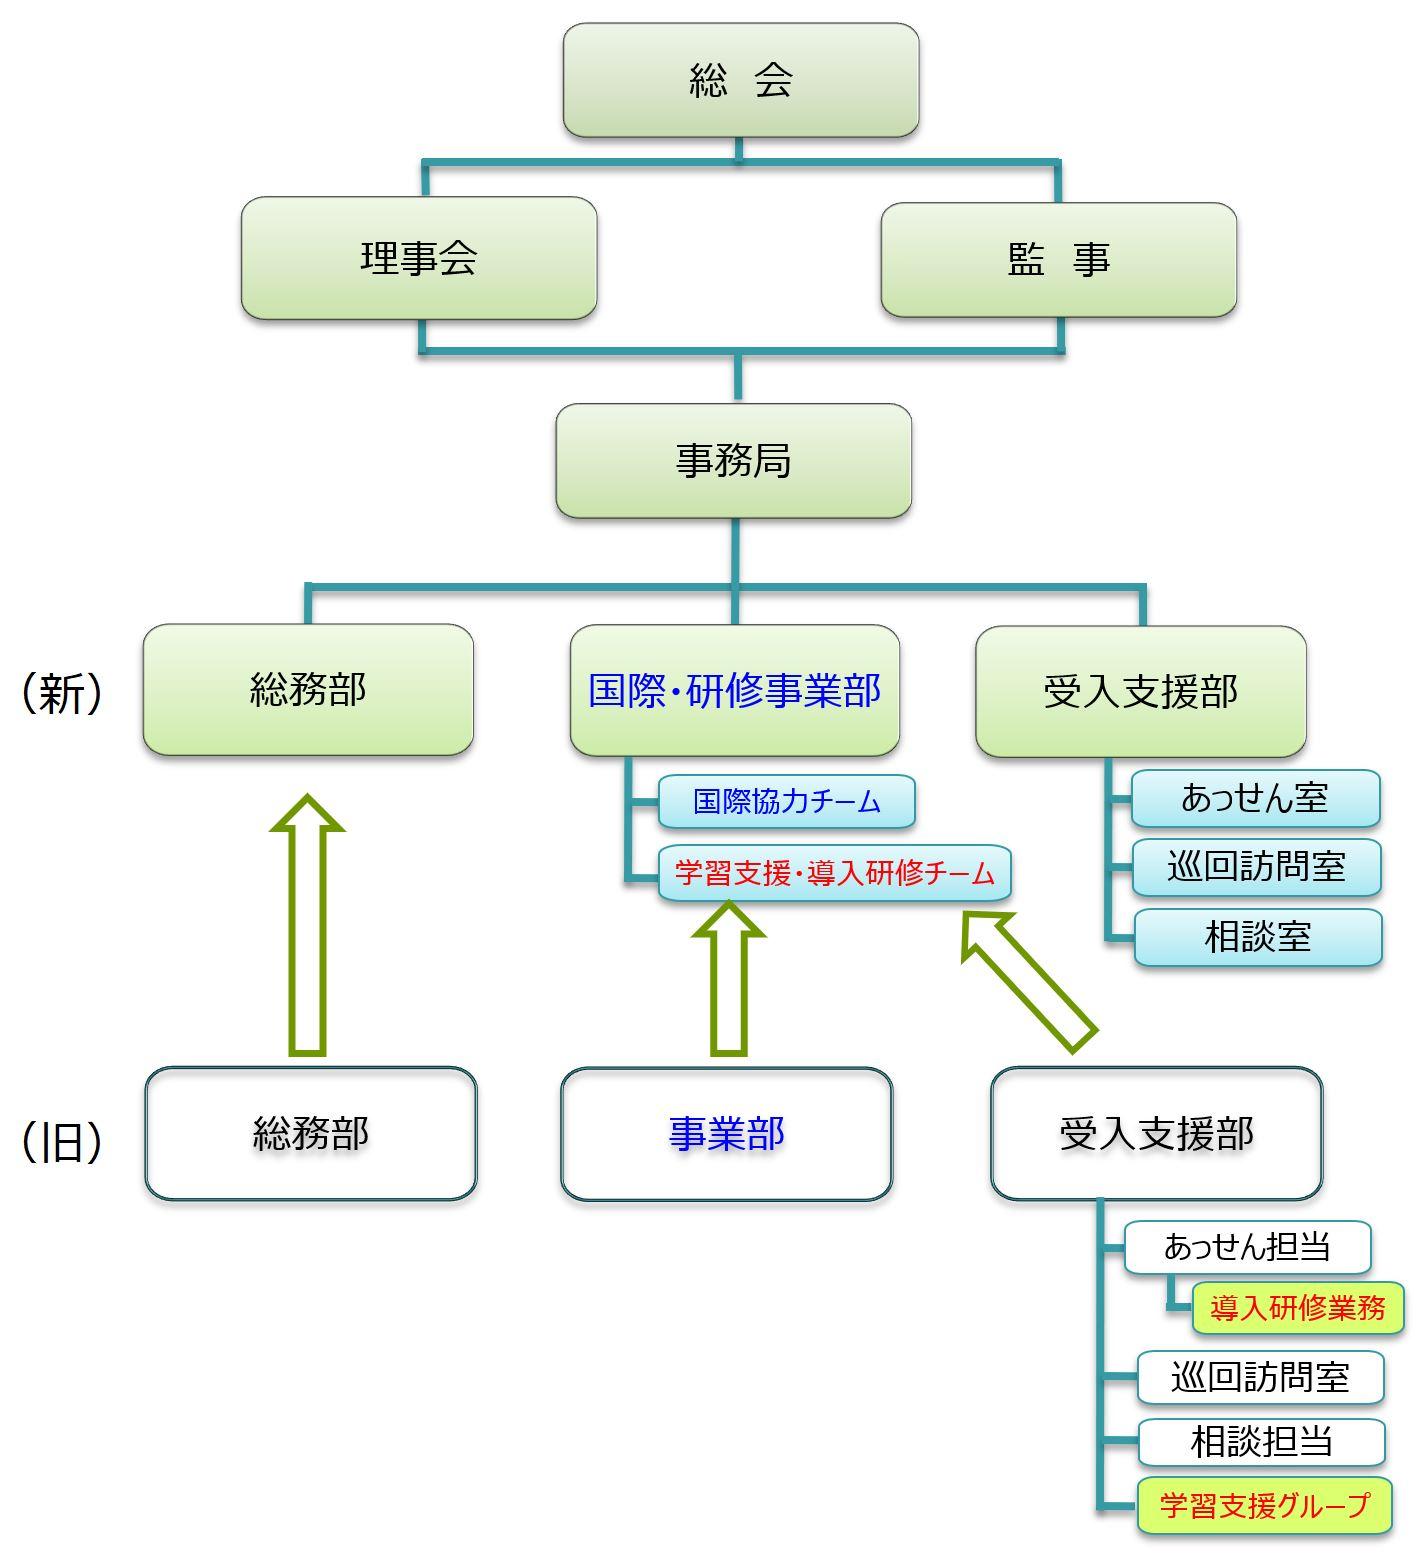 20180401組織変更(図)